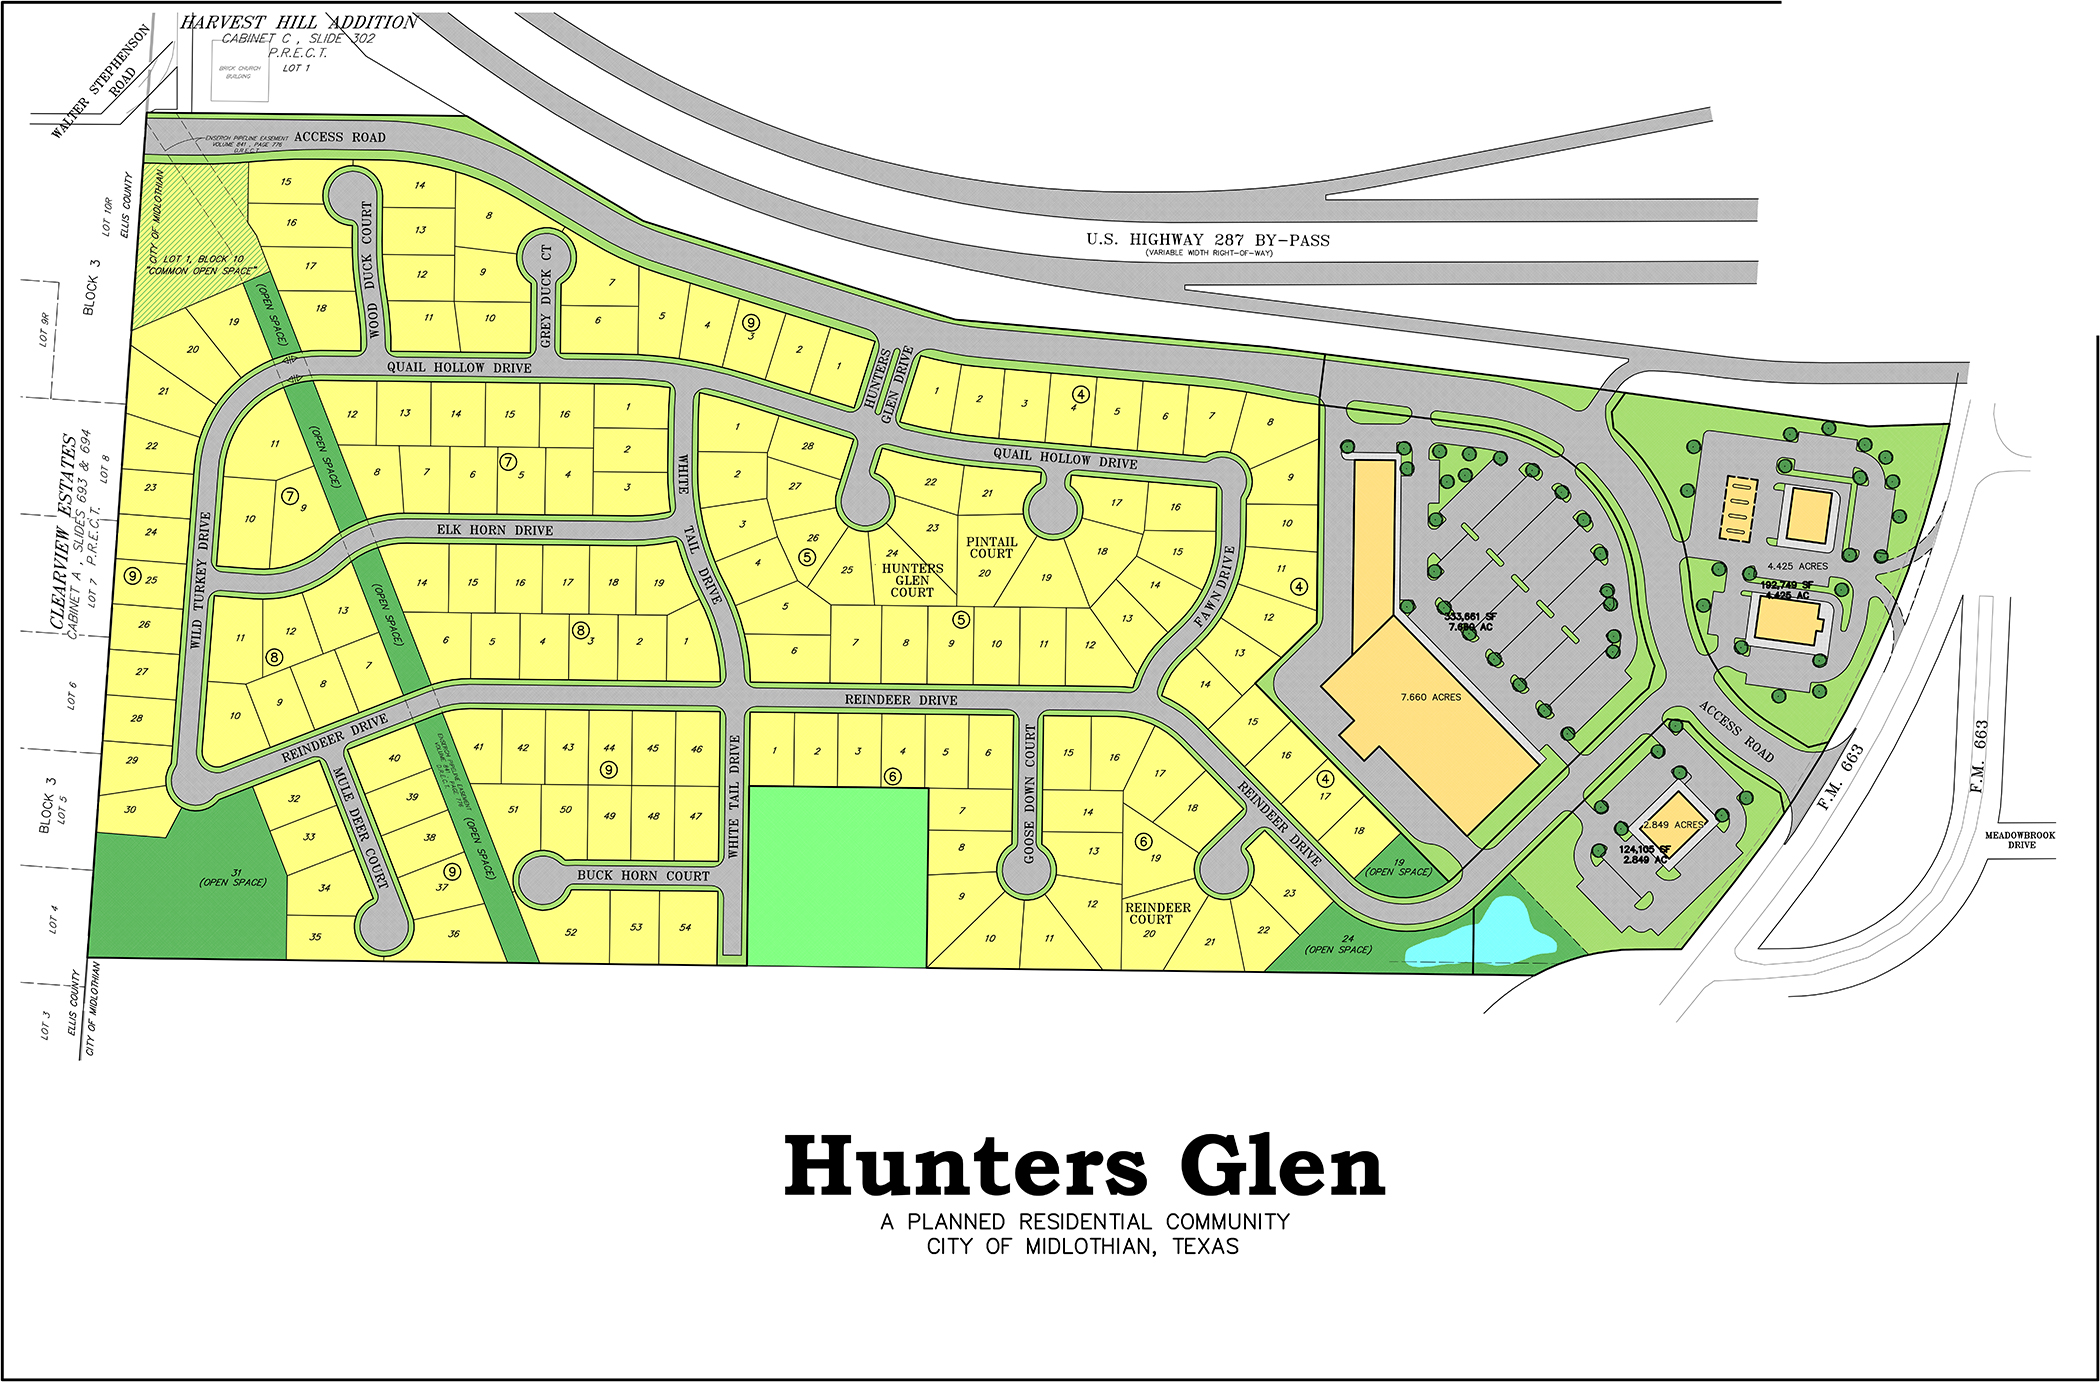 200203-HUNTERS GLEN